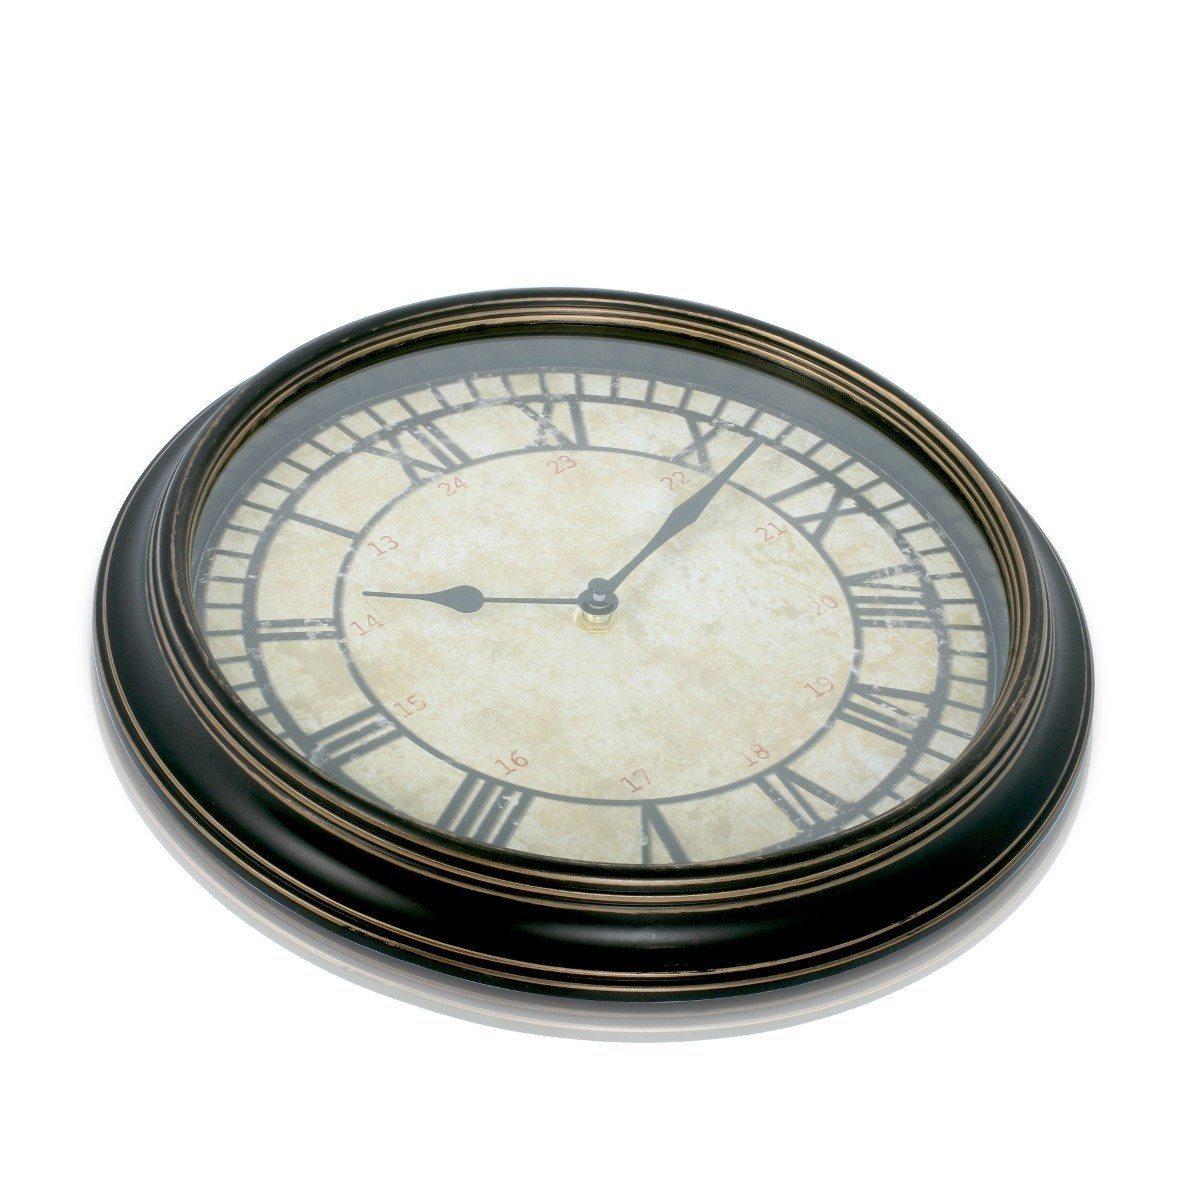 Orologio antiorario 2